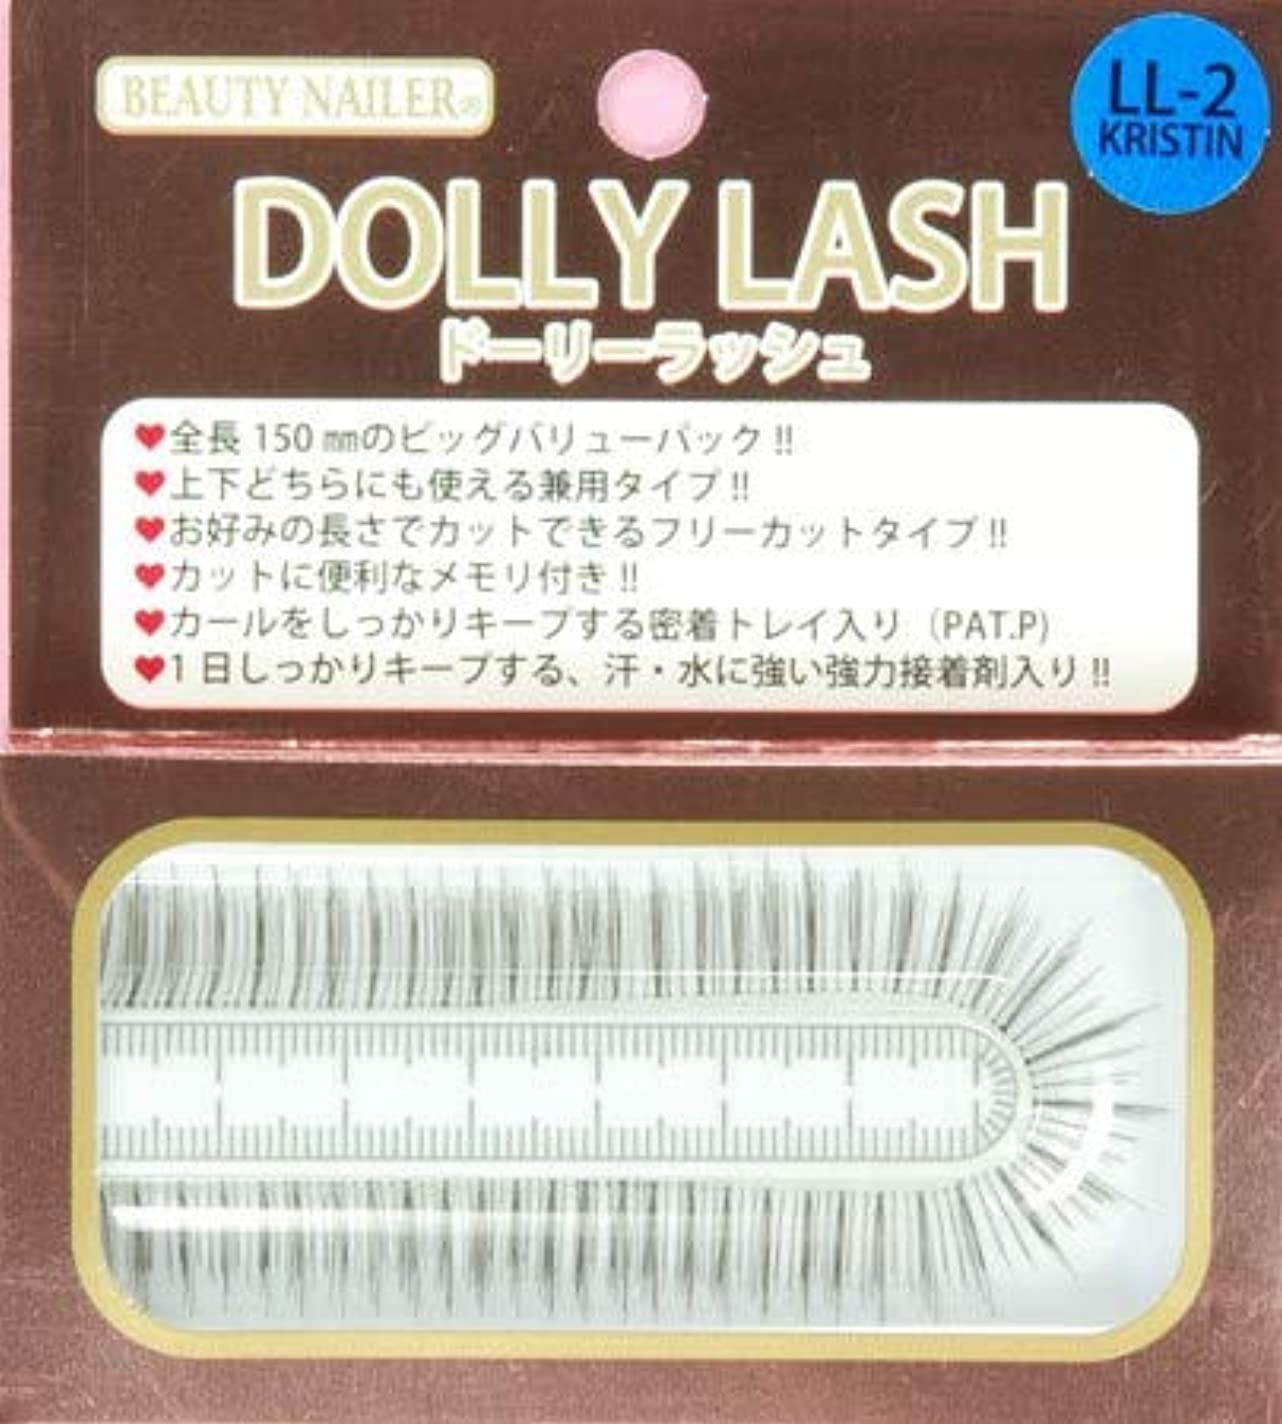 回復詳細な割り当てる【3個セット】DOLLY LASH LL-2 KRISTIN